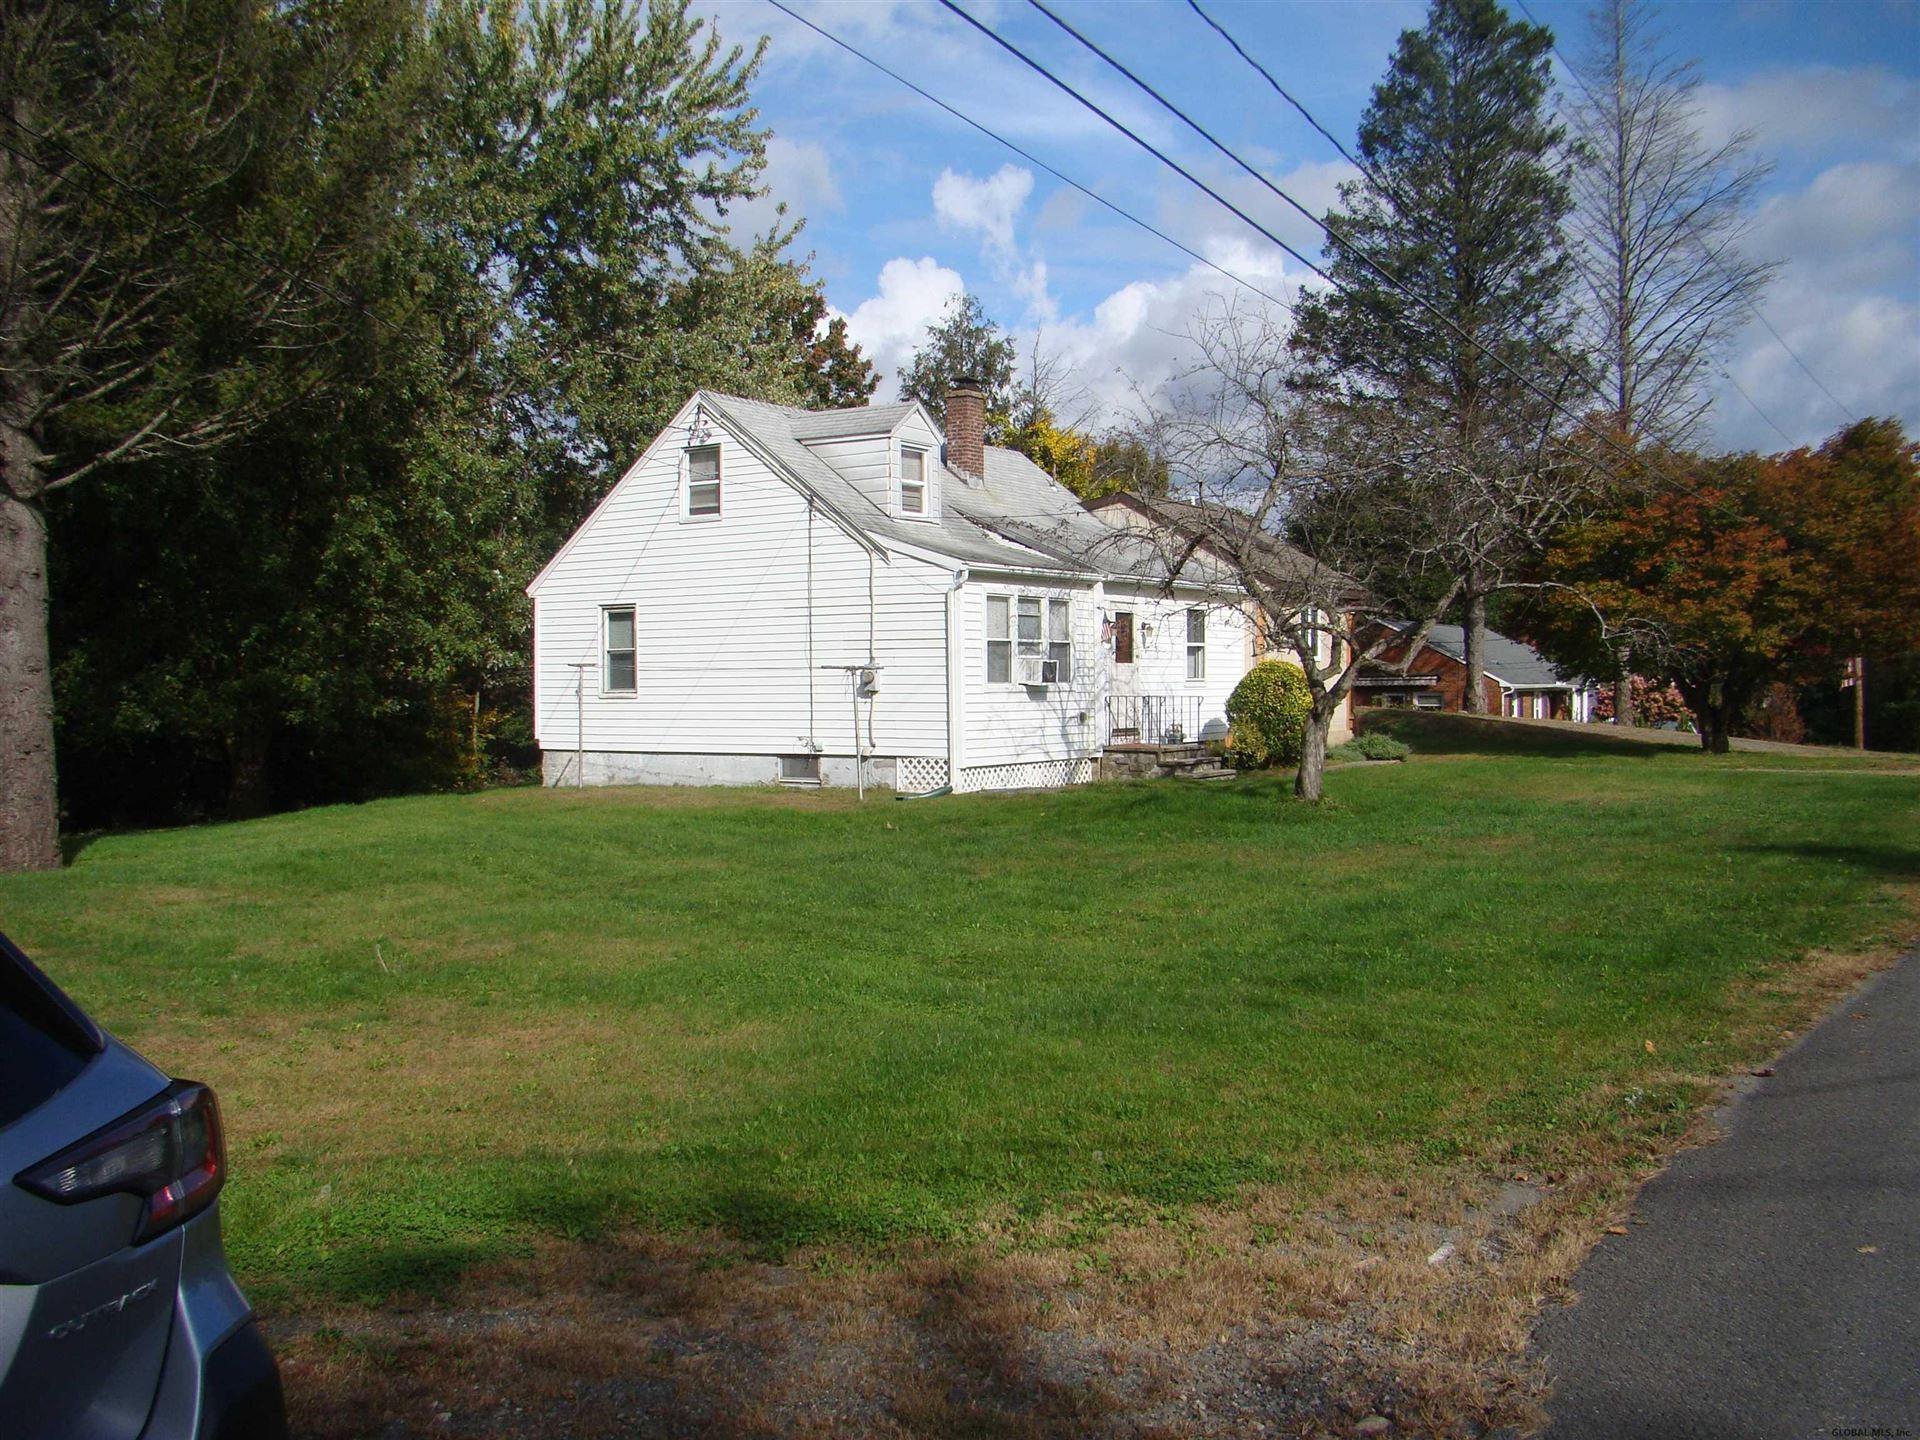 1 HOYT RD, North Greenbush, NY 12198-7823 - #: 202130698